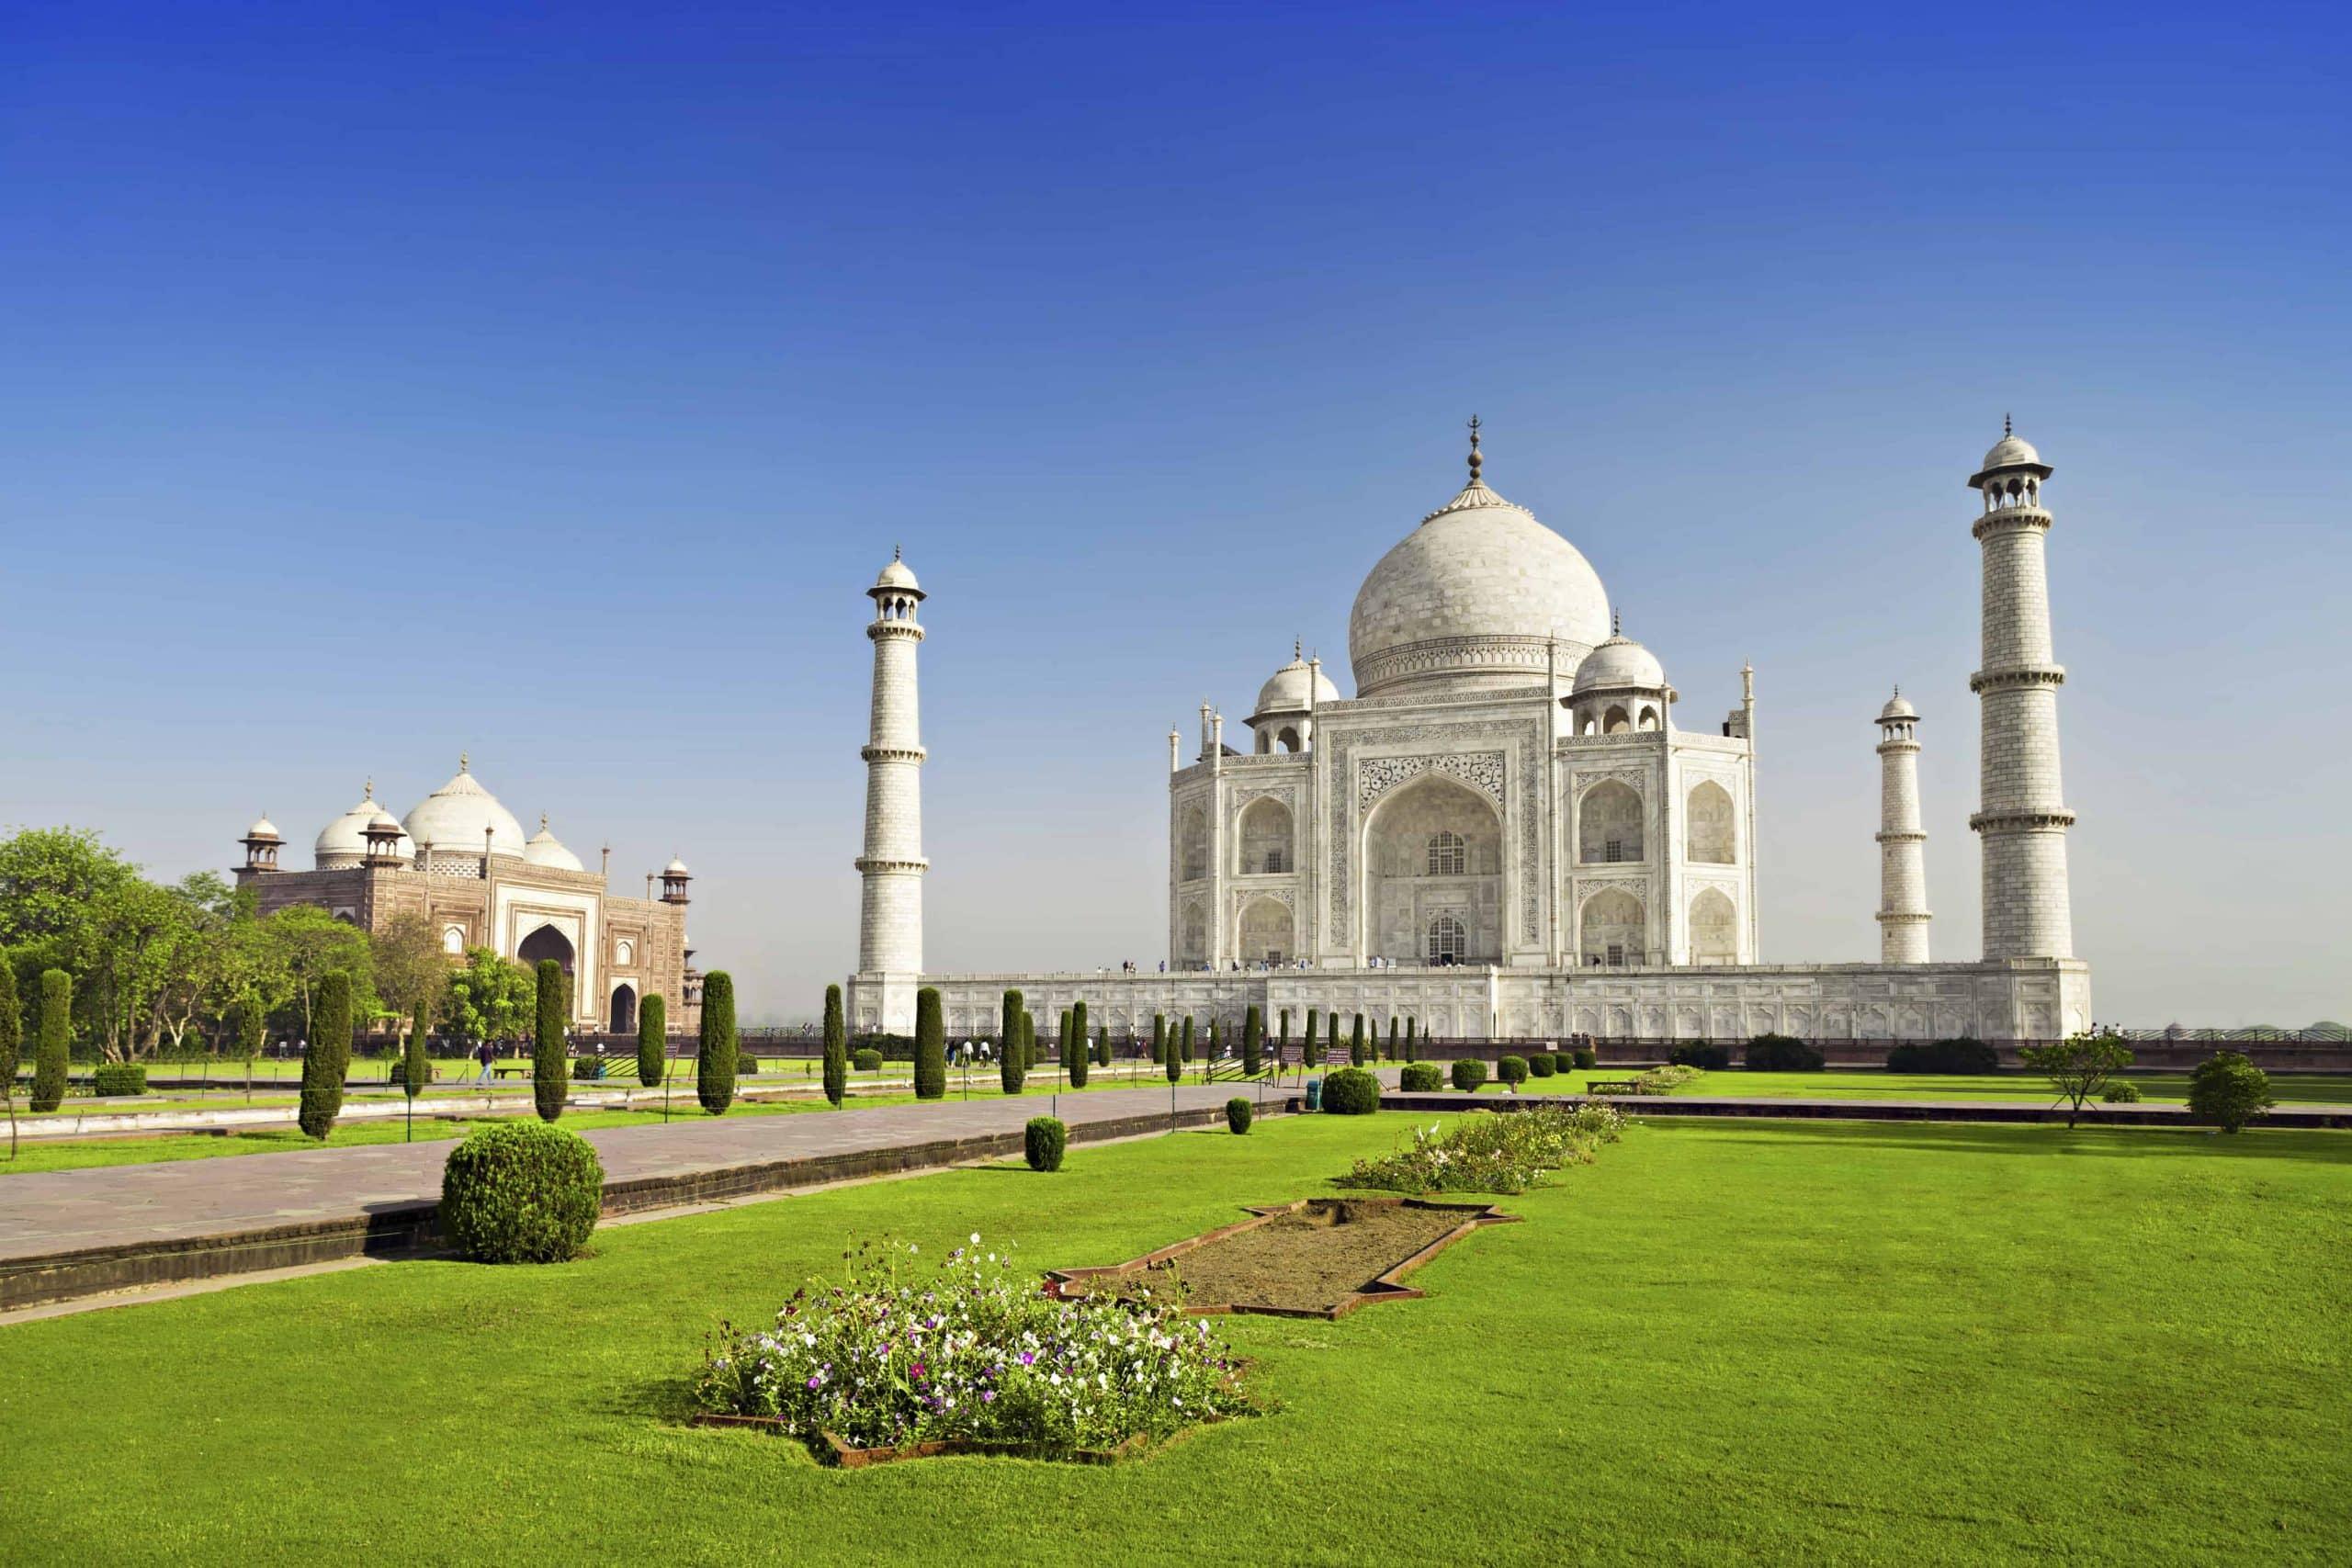 Taj Mahal i Agra øst for New Delhi er et must når man rejser til Indien